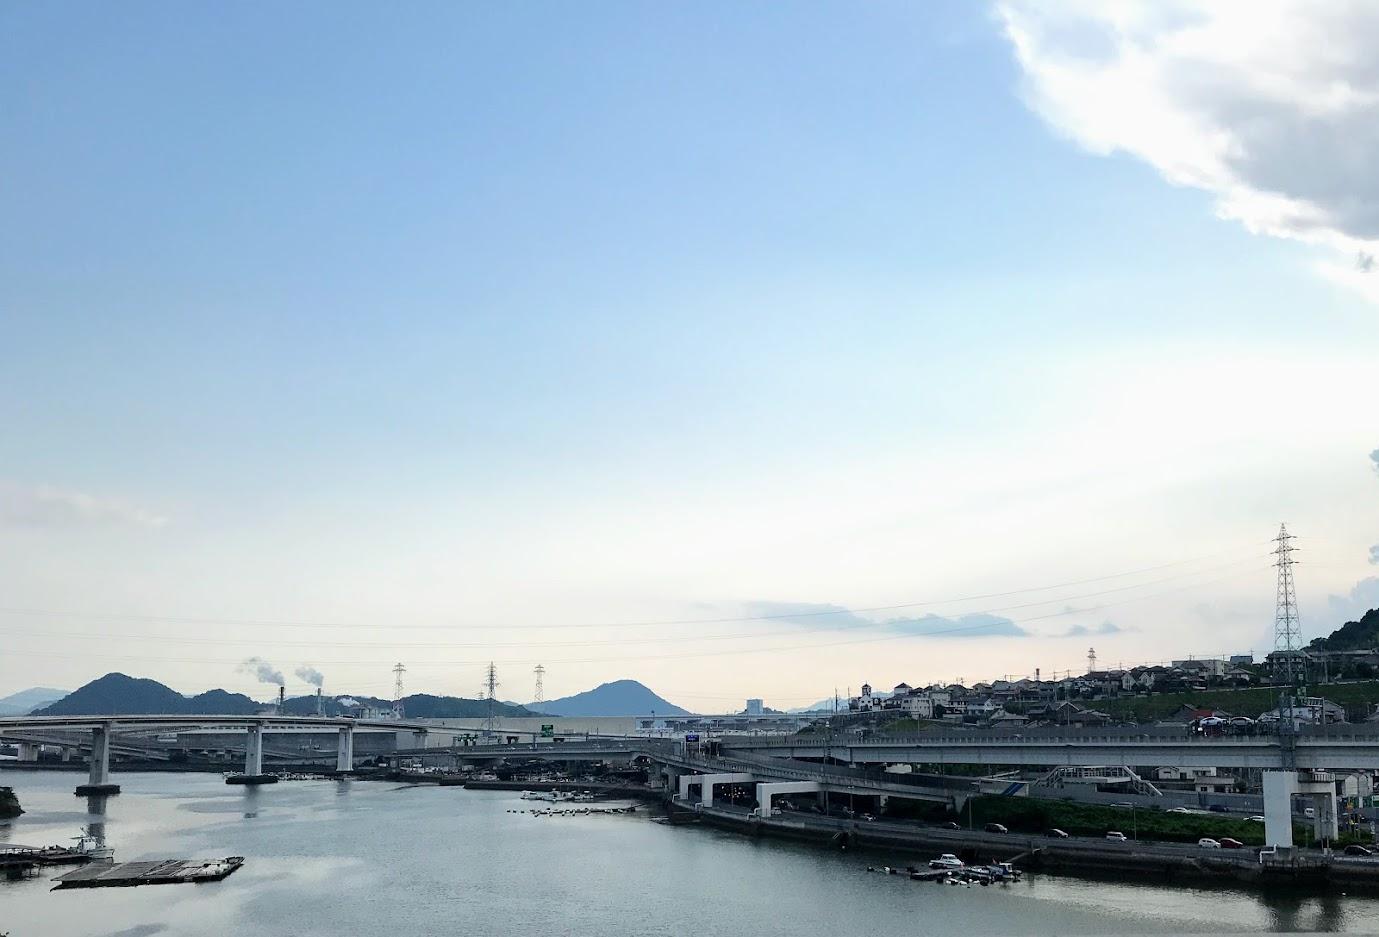 2019年7月16日(火)の夕方